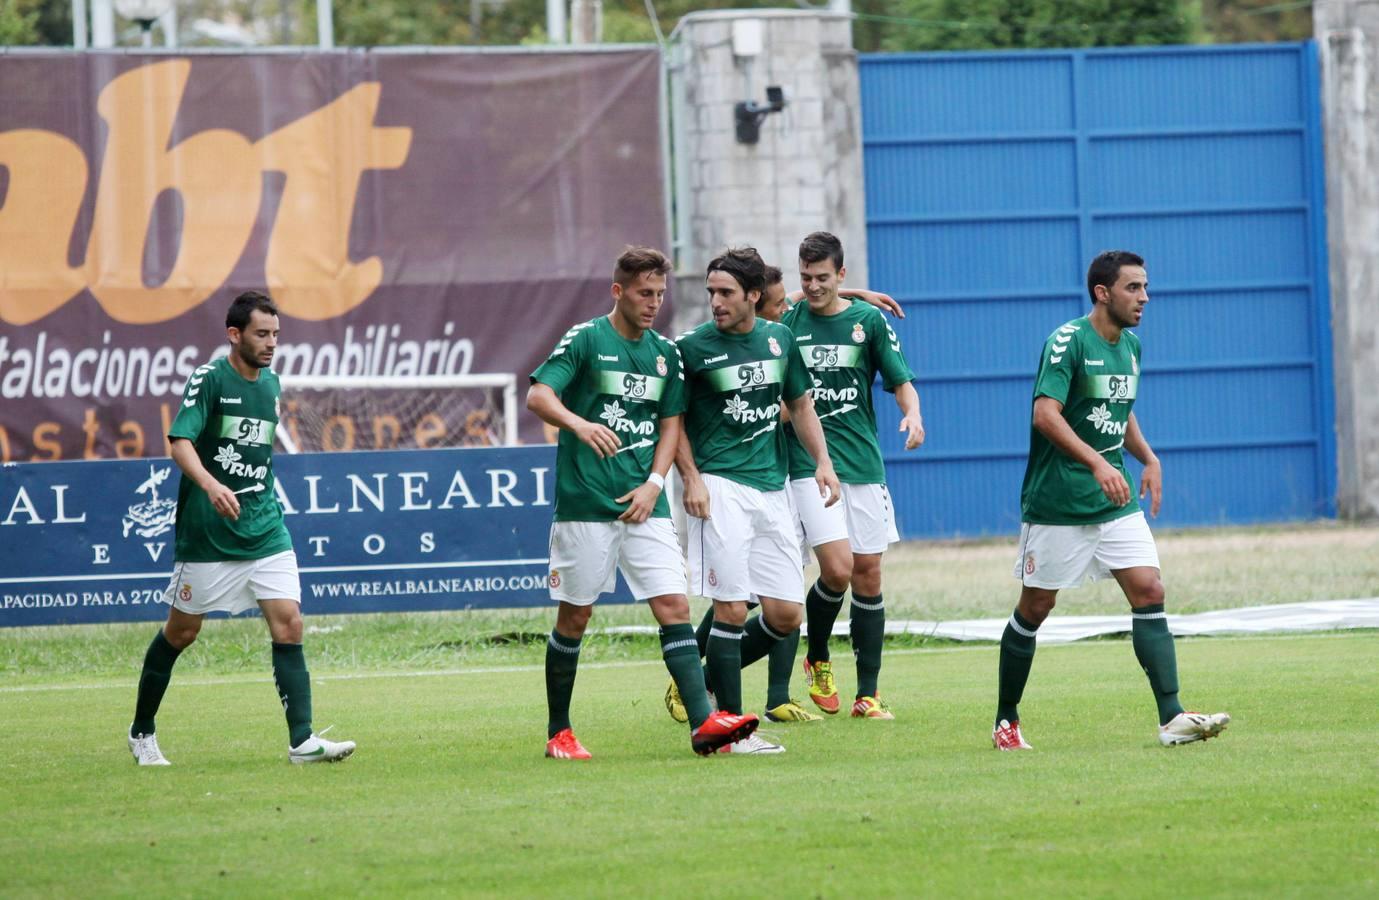 Real Avilés 1 - 1 Cultural Leonesa